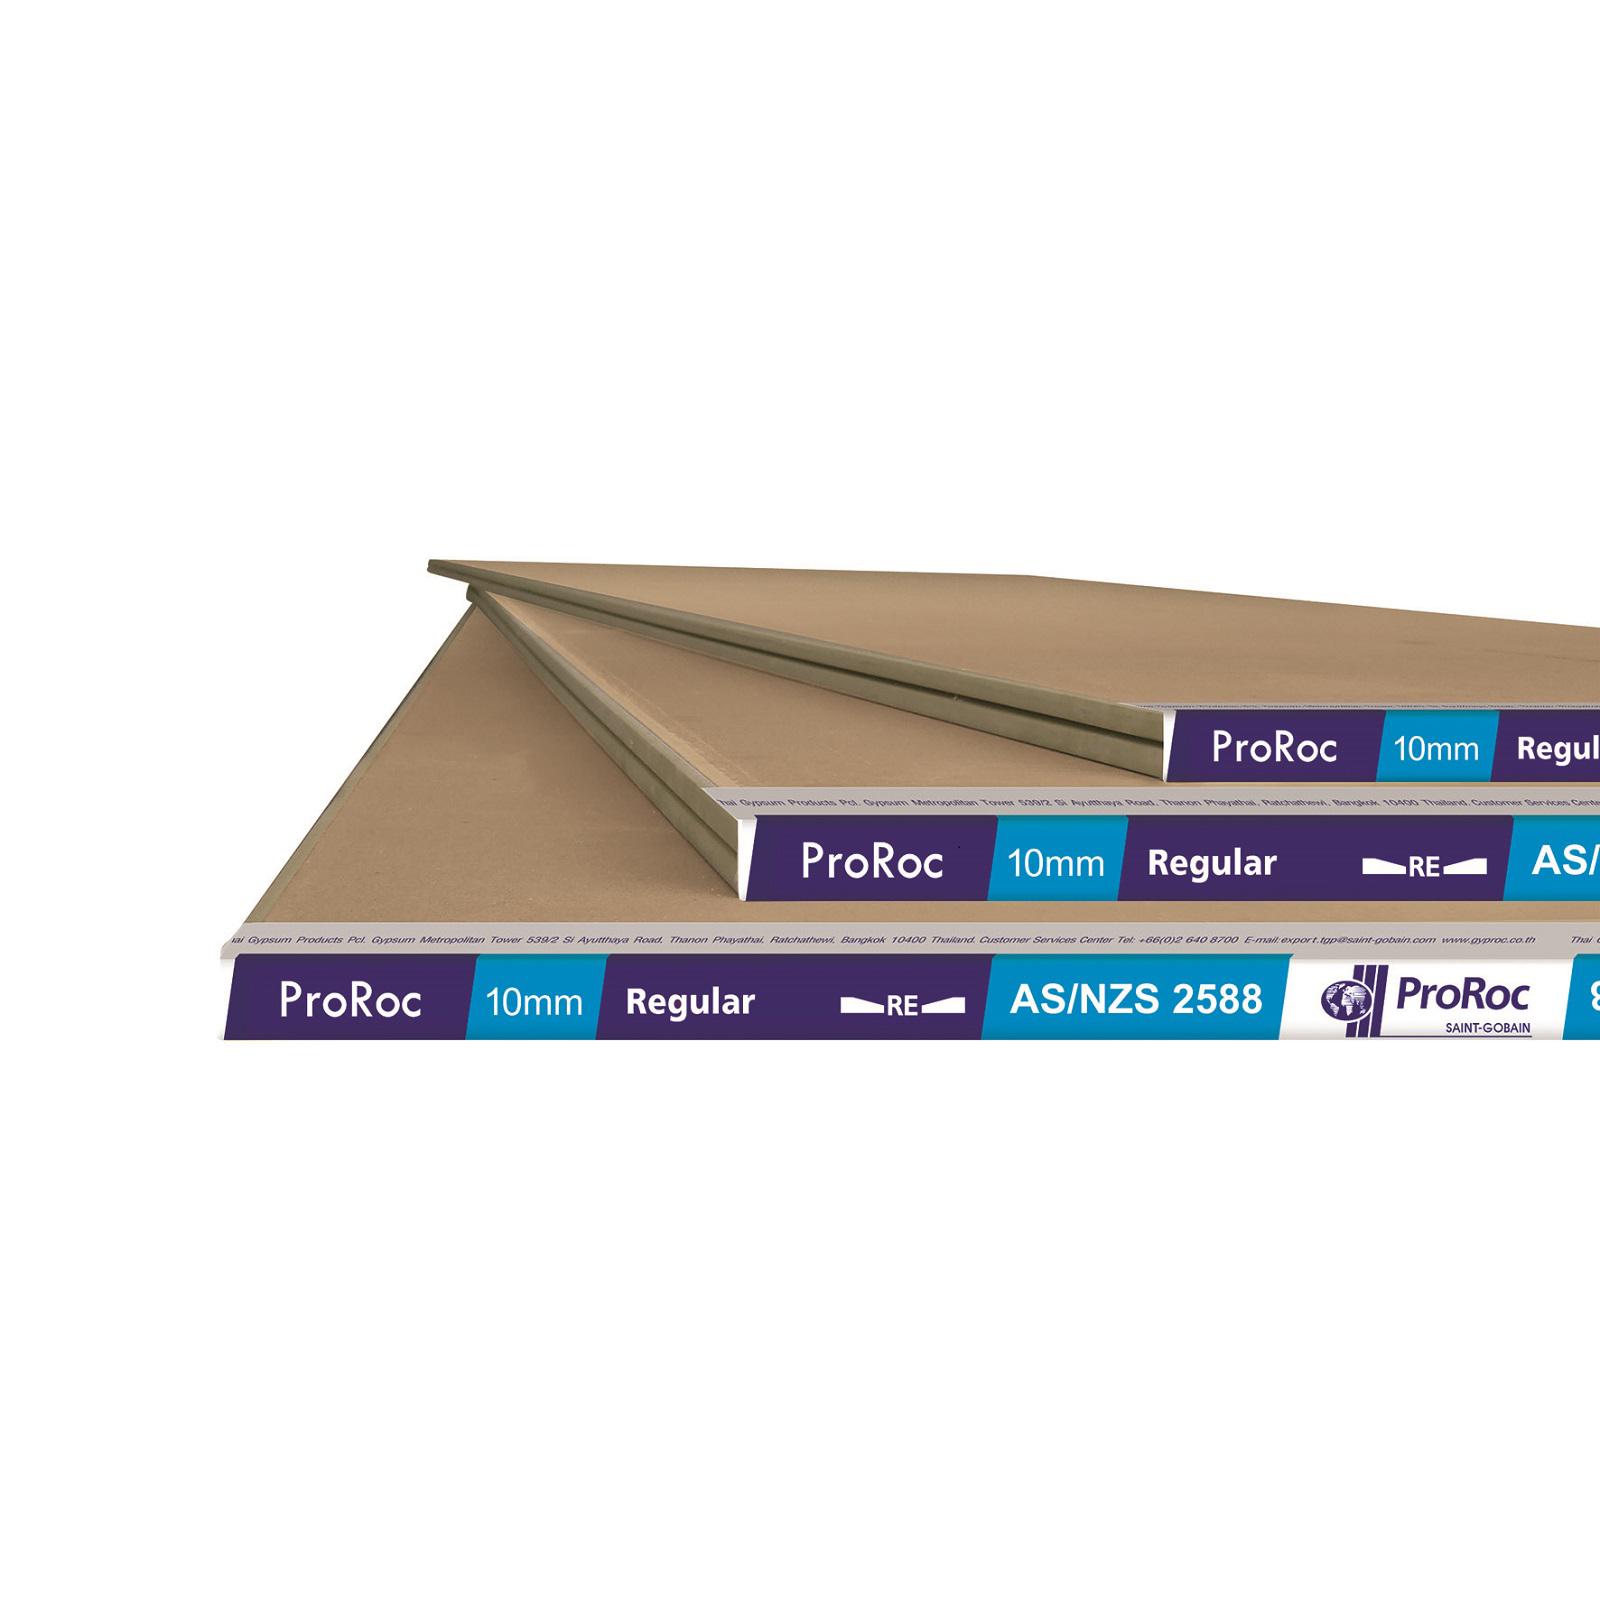 Proroc 10 x 2400mm Standard Plasterboard